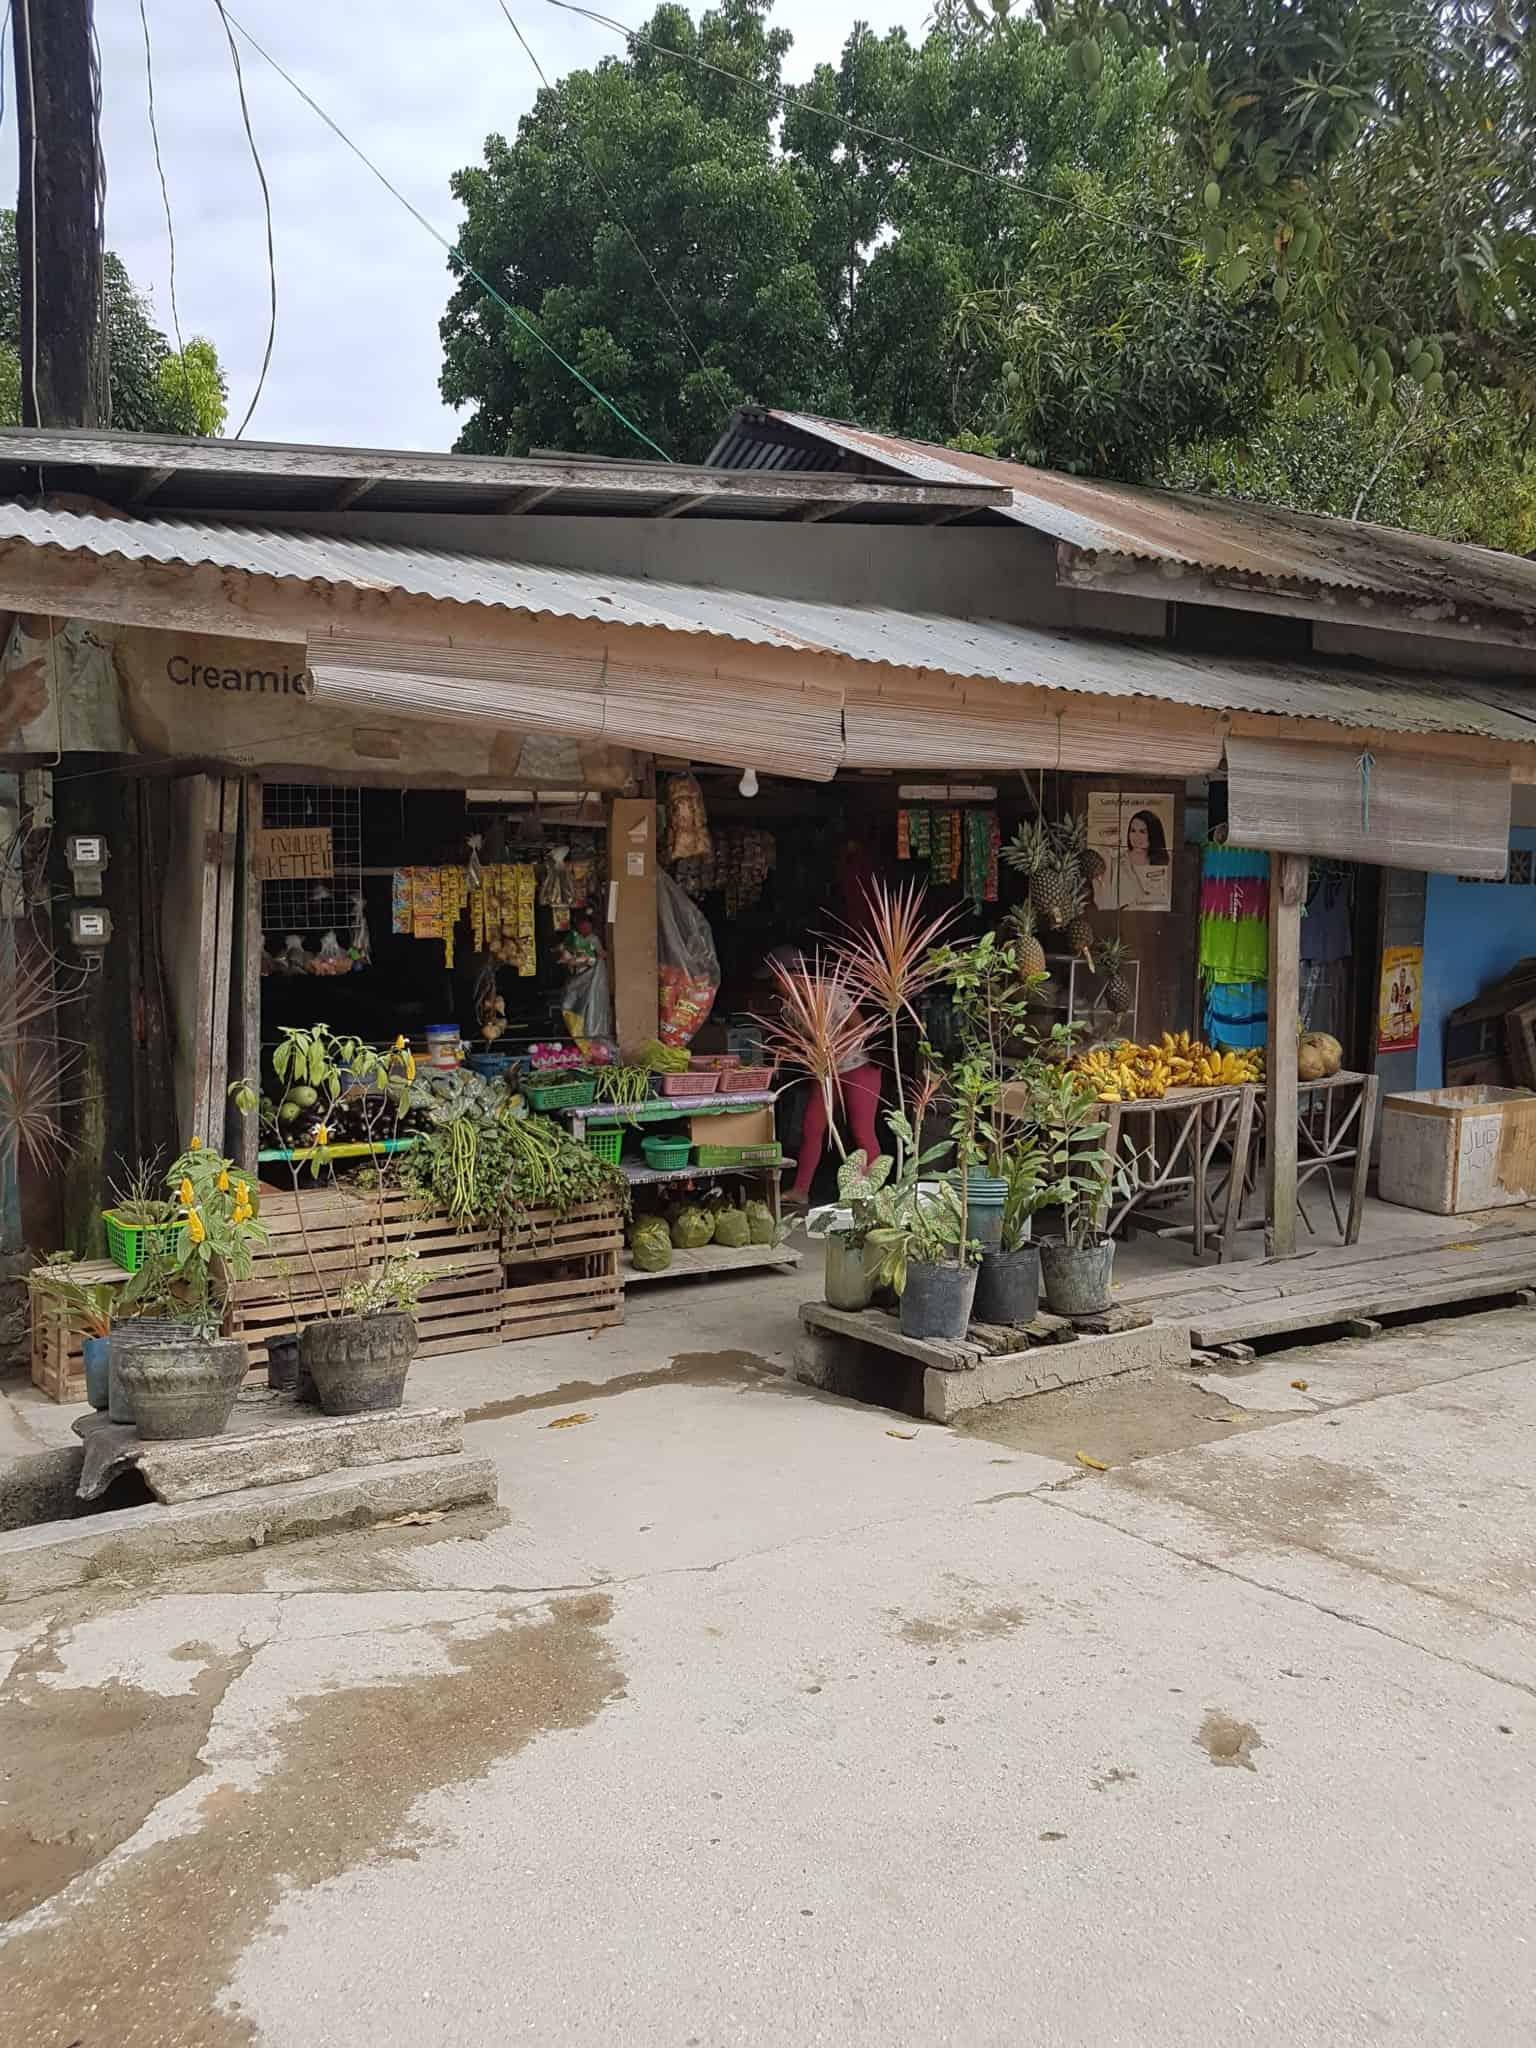 Philippines, comment je me suis retrouvée seule sur une île déserte 🧜♀️ 7